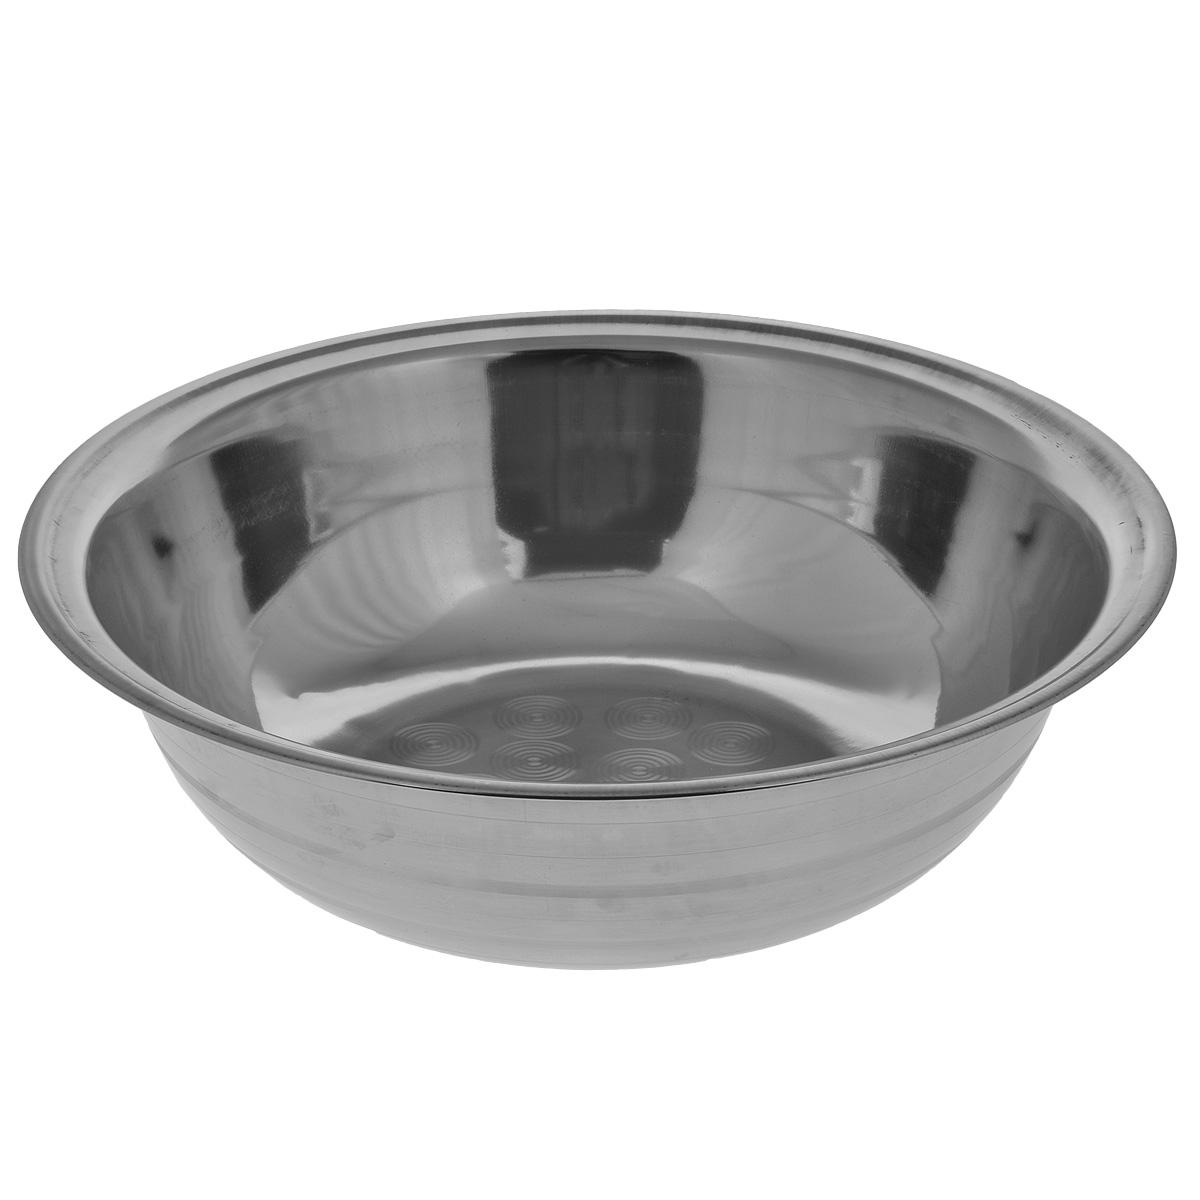 Таз Padia, диаметр 52 см5000-51Таз Padia выполнен из высококачественной нержавеющей стали, благодаря чему прослужит долгие годы. Его лаконичный дизайн прекрасно дополнит любой интерьер ванны или бани. Таз Padia пригодится в любом хозяйстве. Размер: 52 см х 52 см х 15,5 см.